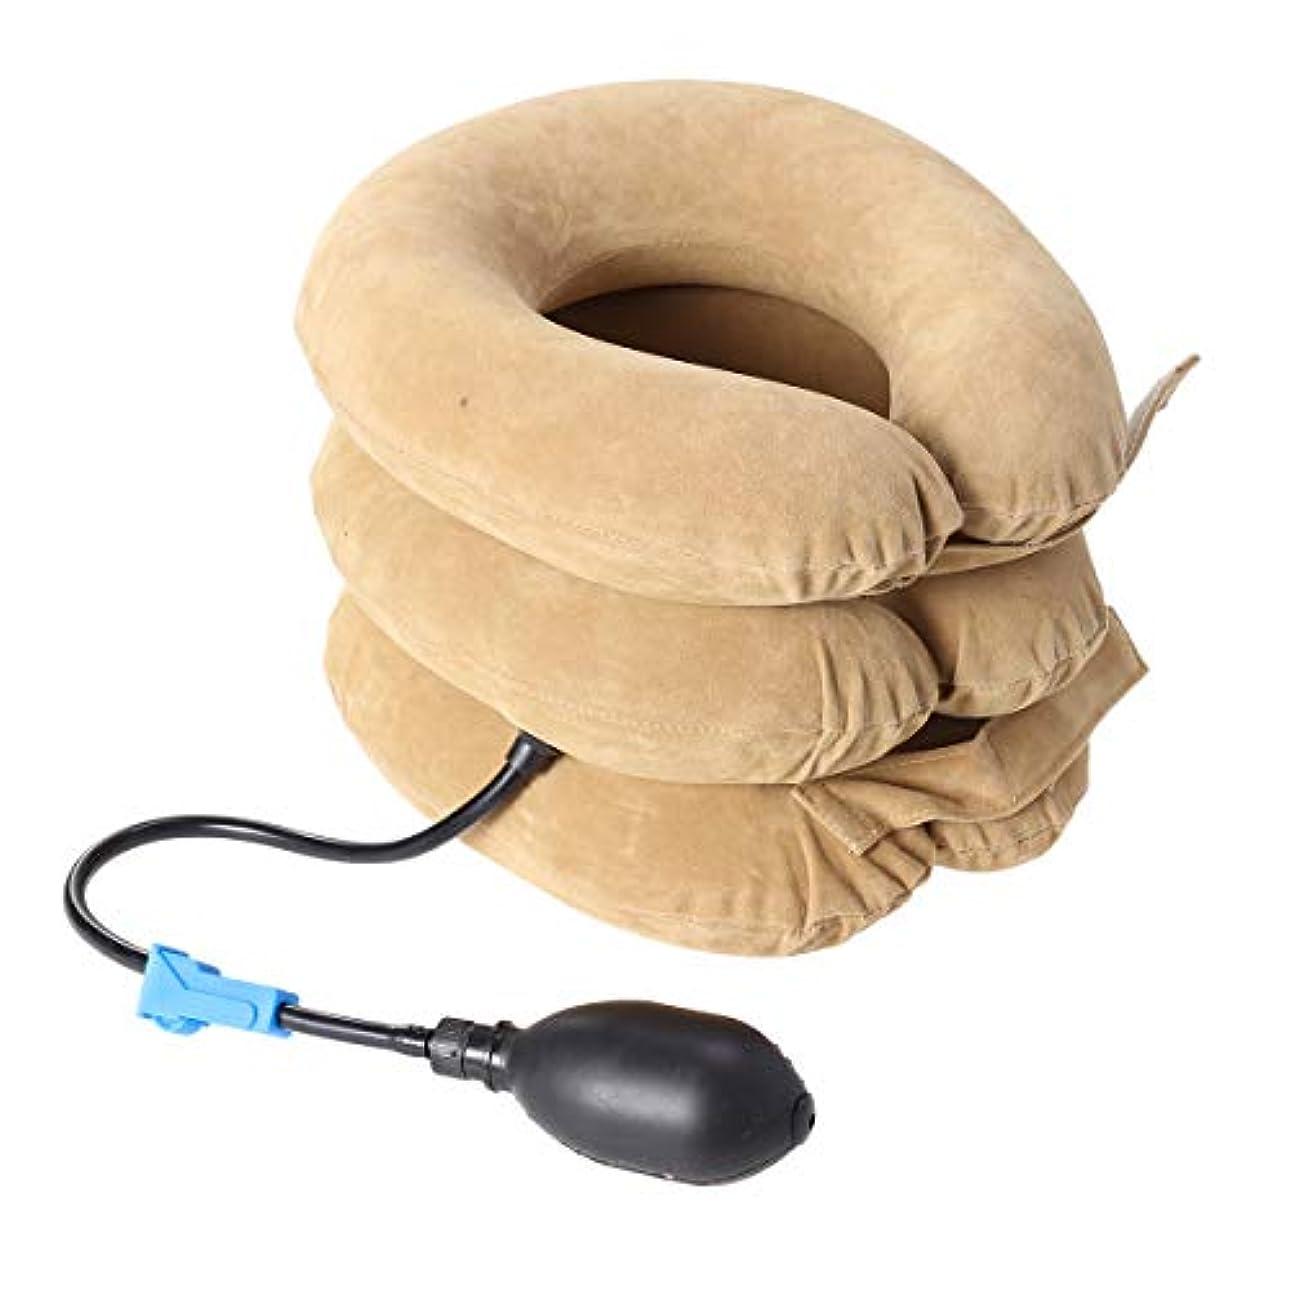 髄回答科学的ポンプ首のマッサージャーが付いている膨脹可能な頚部首の牽引つばの三層の装具の椎骨サポートベルト